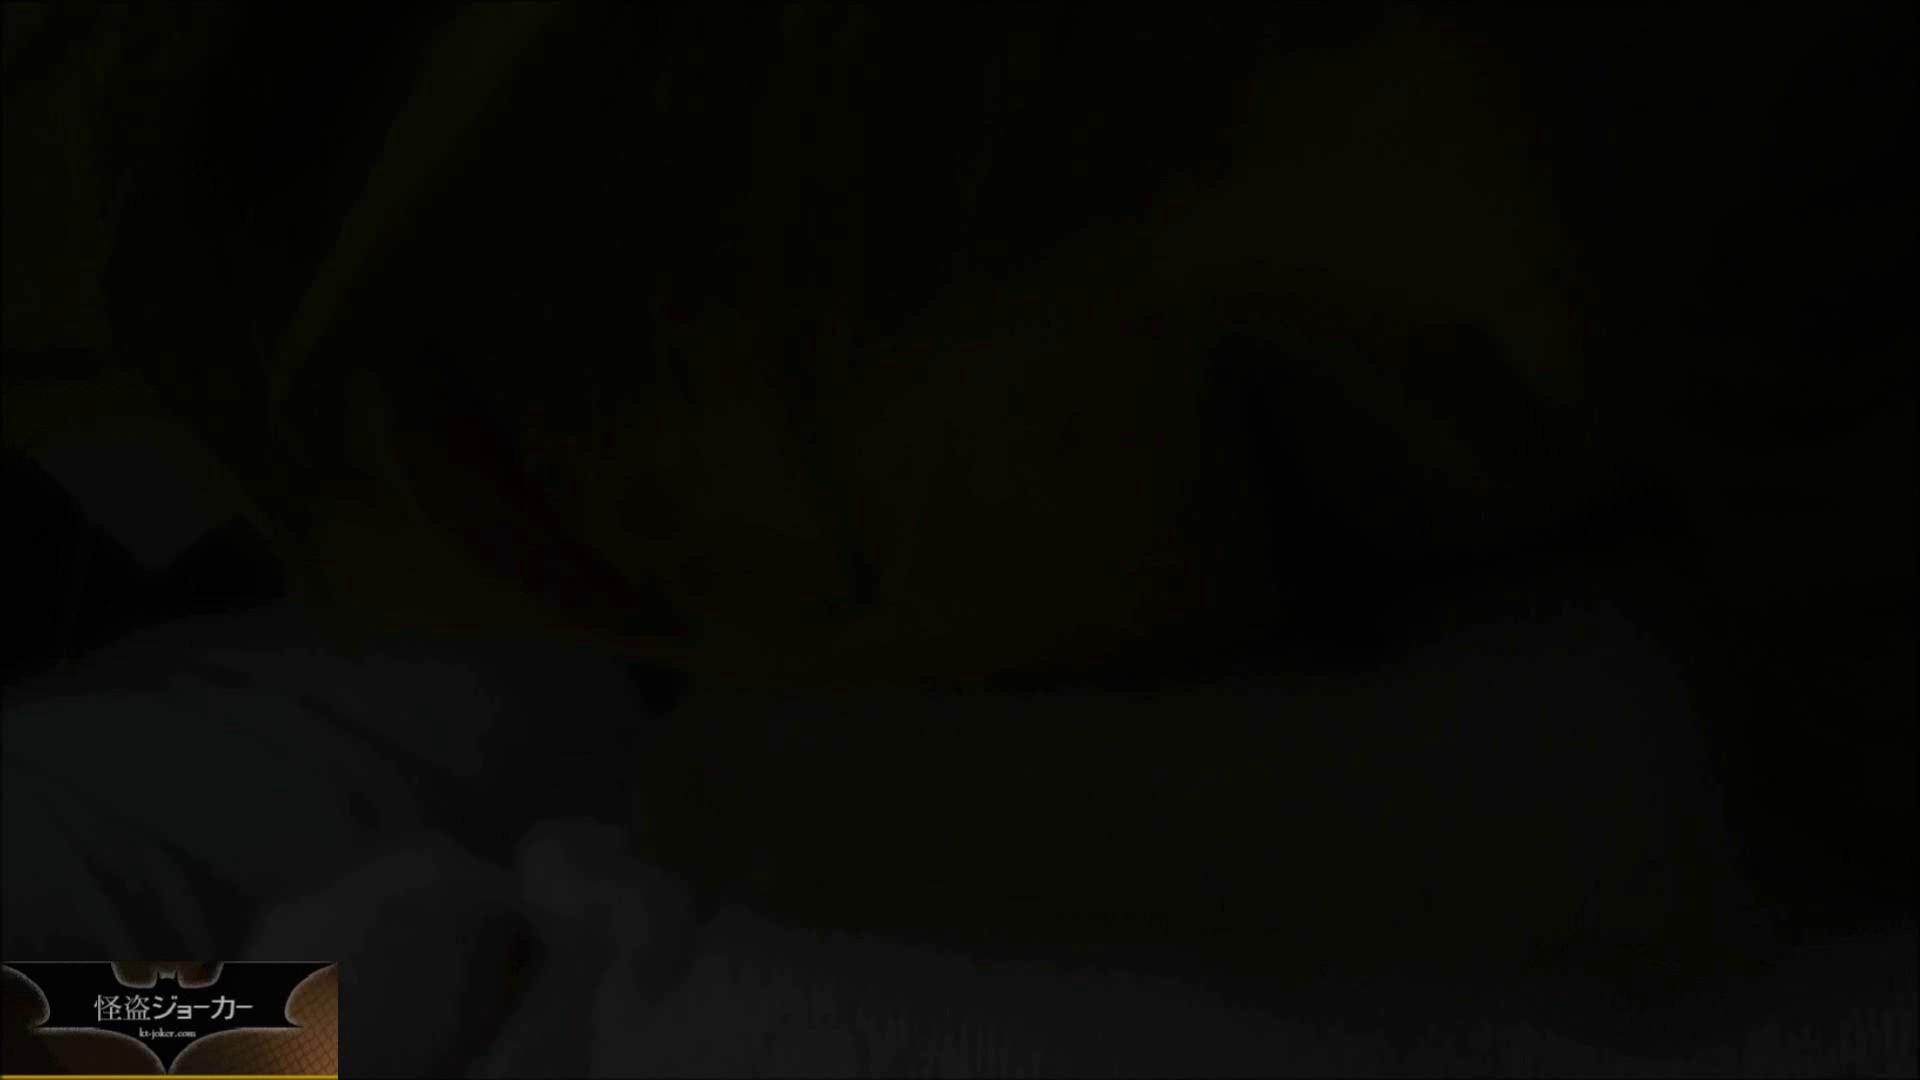 トイレ盗撮|【未公開】vol.3ユリナに実女市ヒトミを愛撫させ・・・女市がおかされる現場を離れ。|怪盗ジョーカー